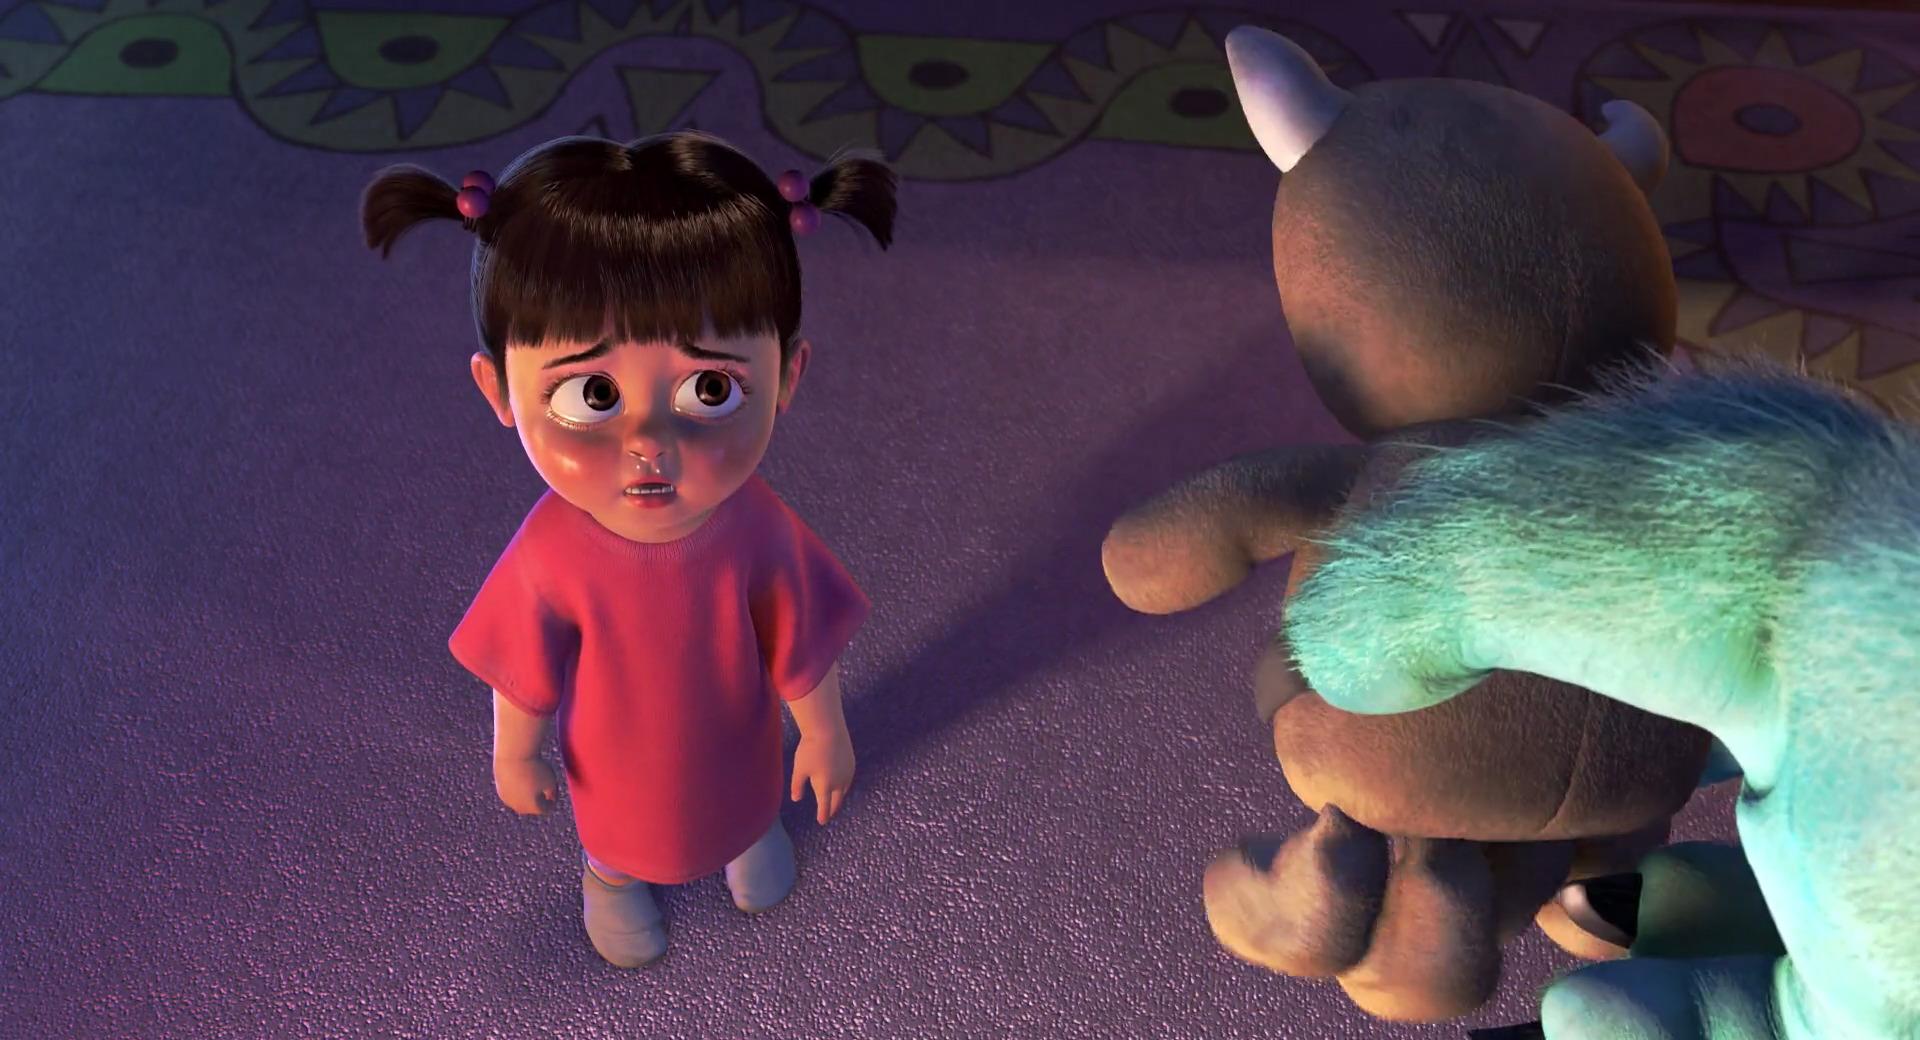 bouh personnage dans monstres cie pixar planet fr. Black Bedroom Furniture Sets. Home Design Ideas